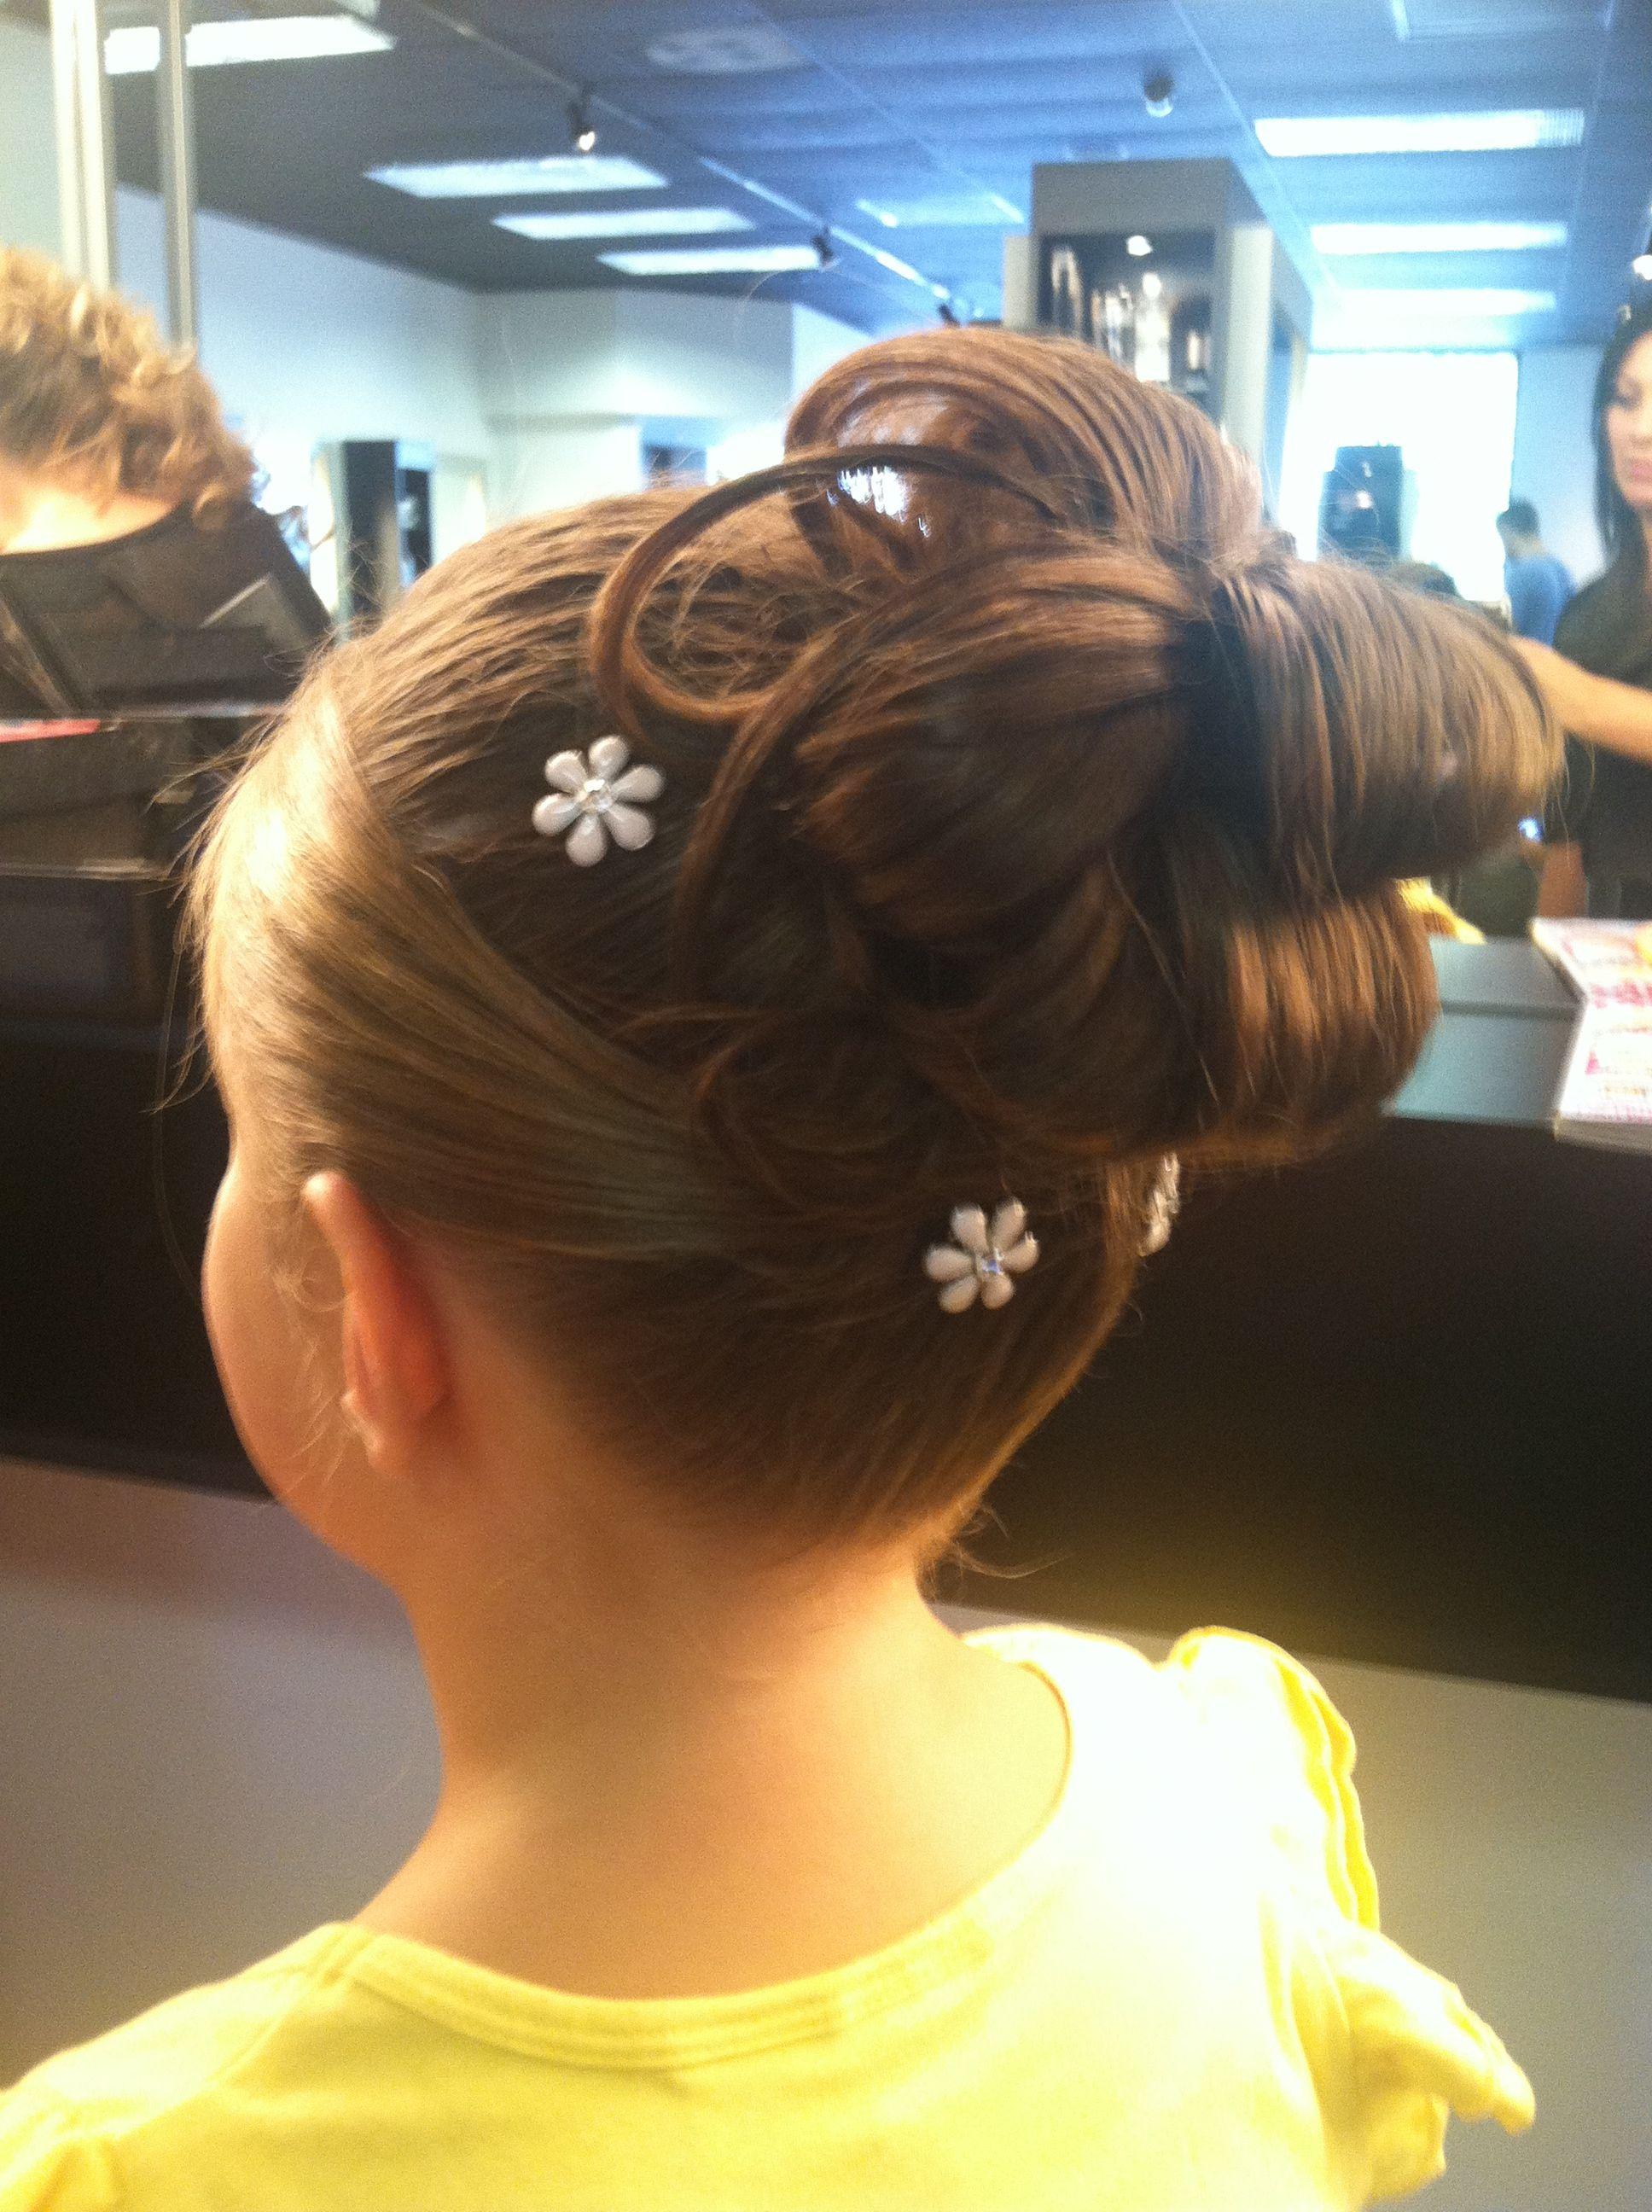 Flower Girl Updo Hair Styles Girl Hairstyles Girls Updo